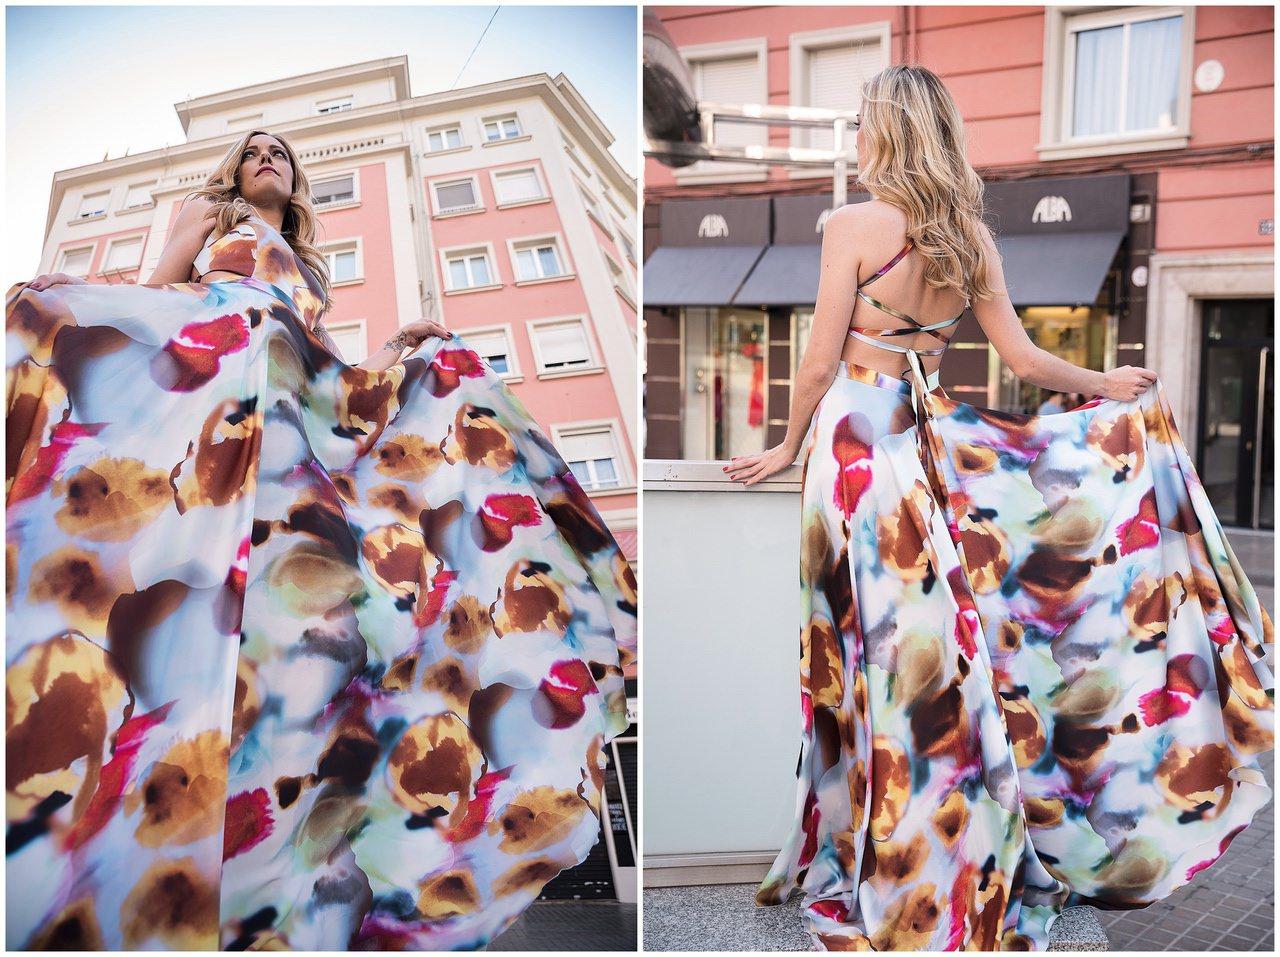 fotografo de moda en valencia, tienda de ropa alba6